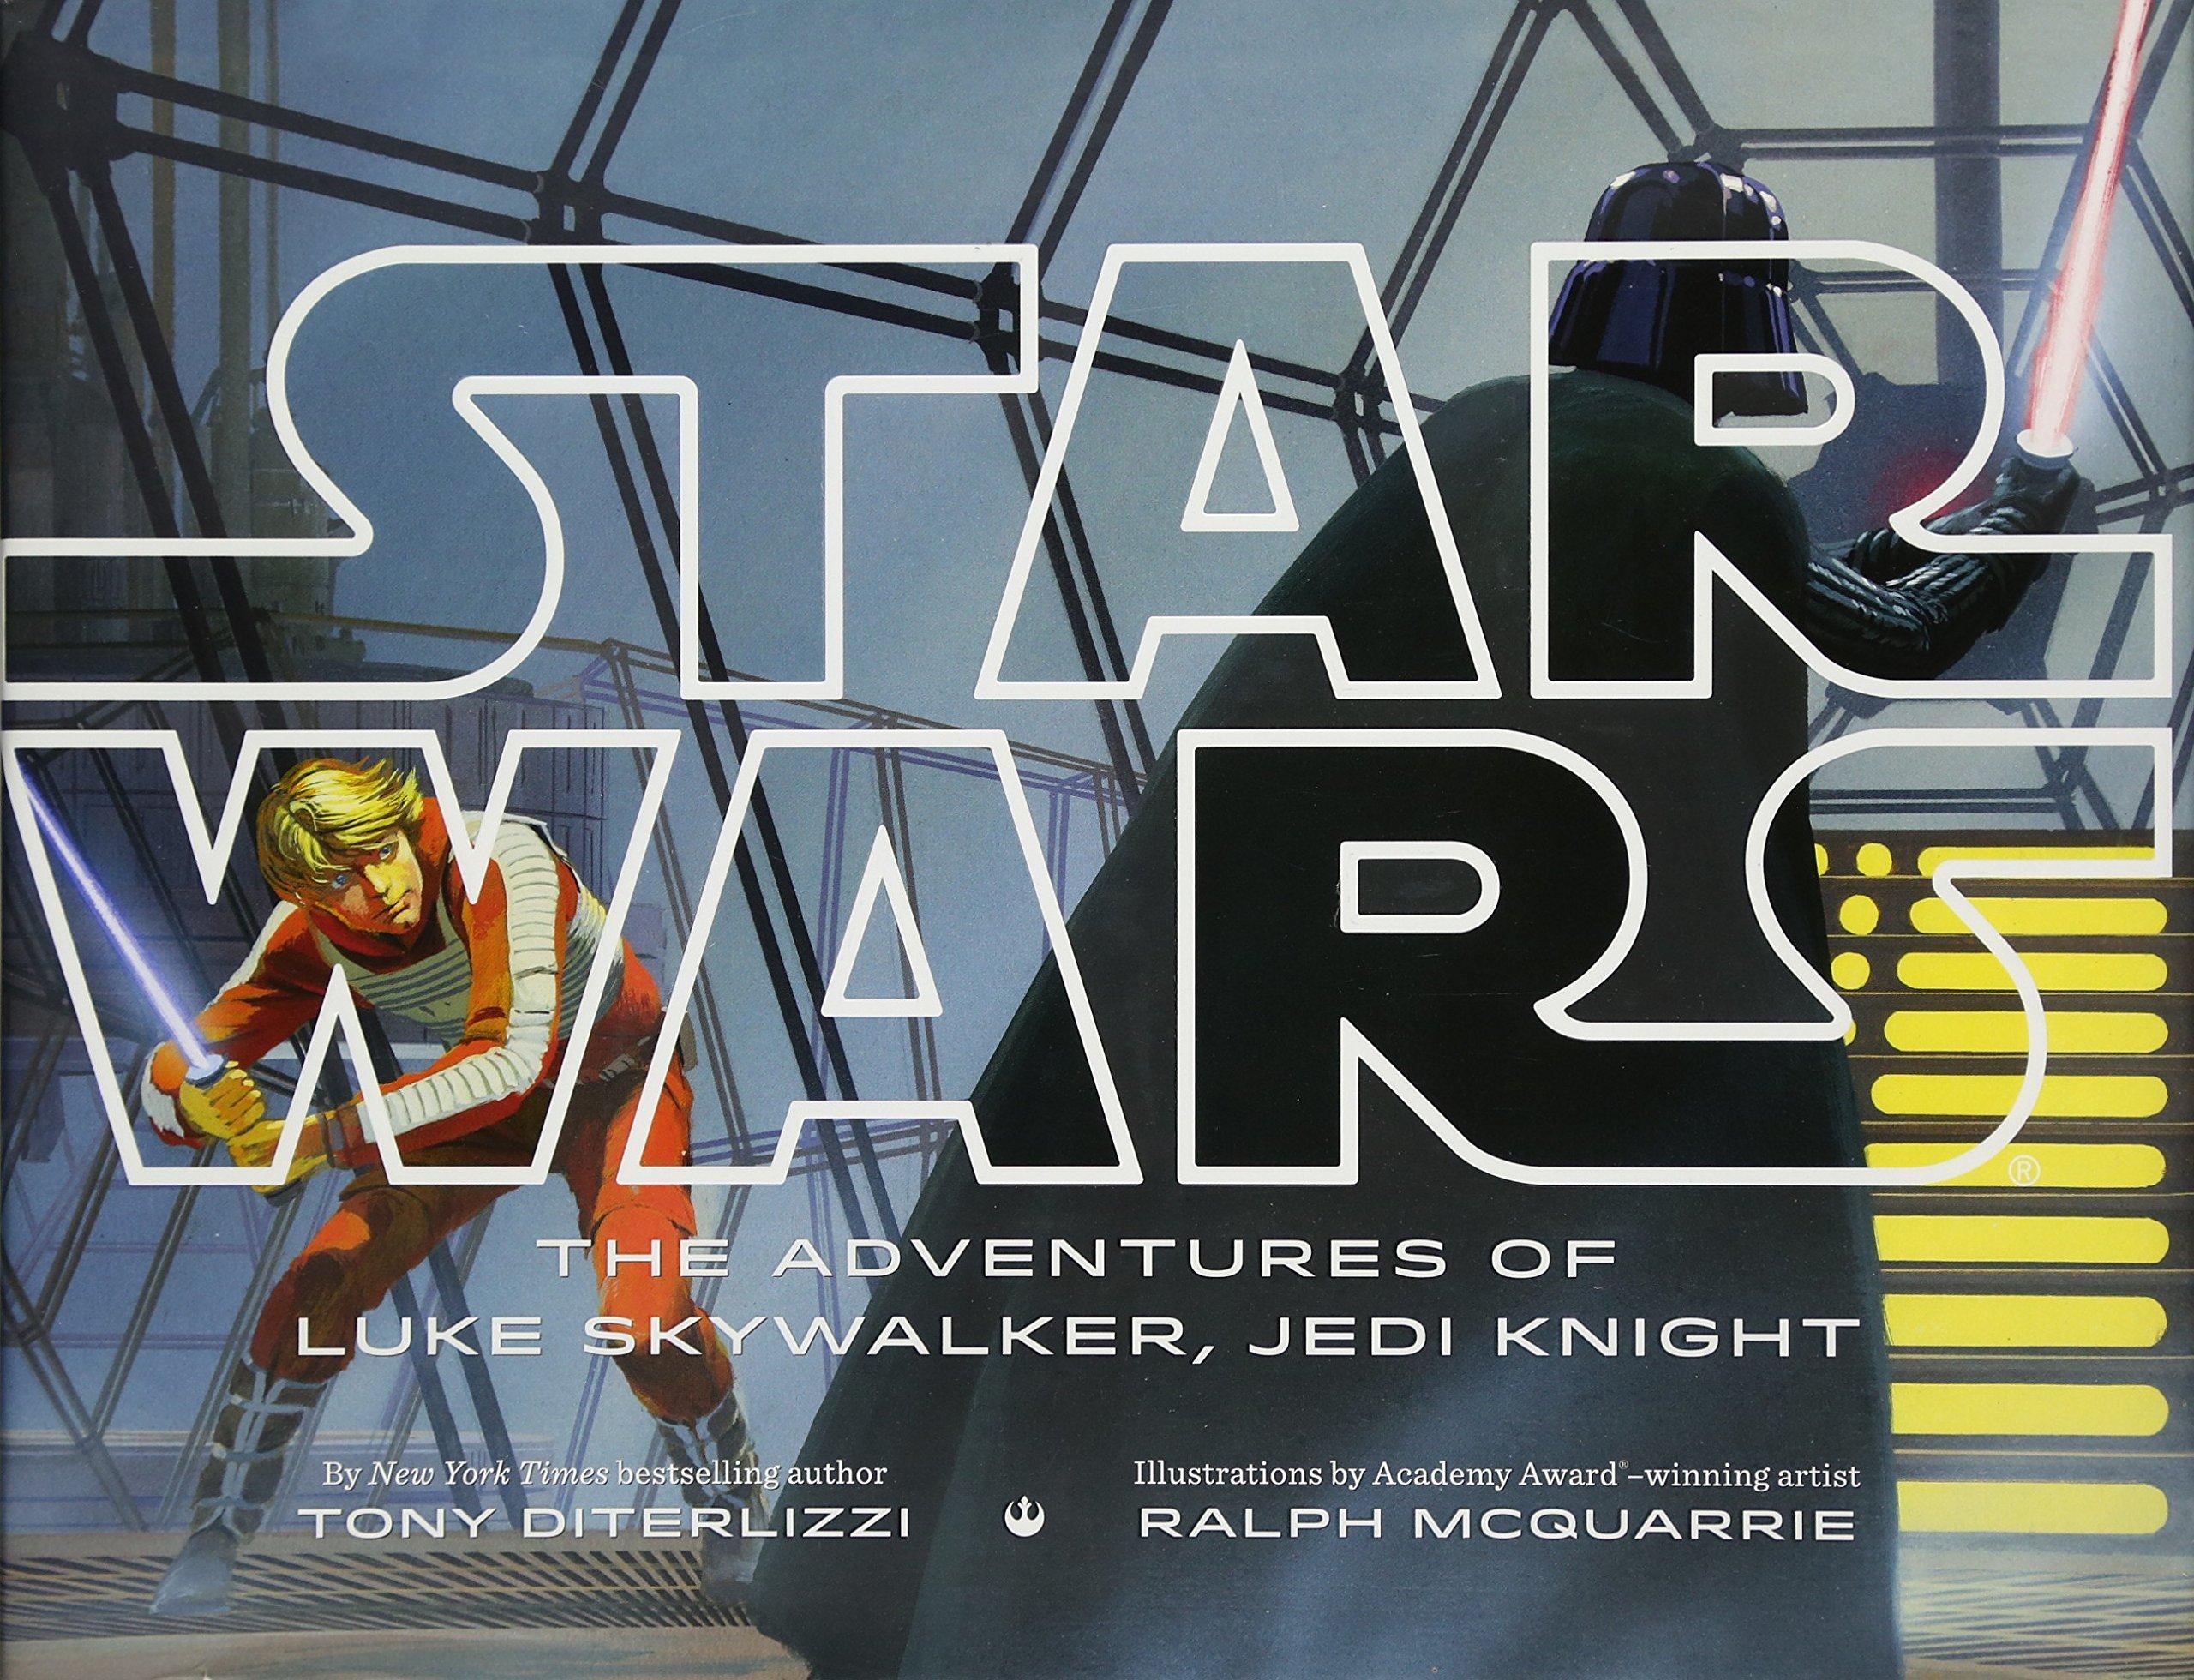 Star Wars: The Adventures of Luke Skywalker, Jedi Knight